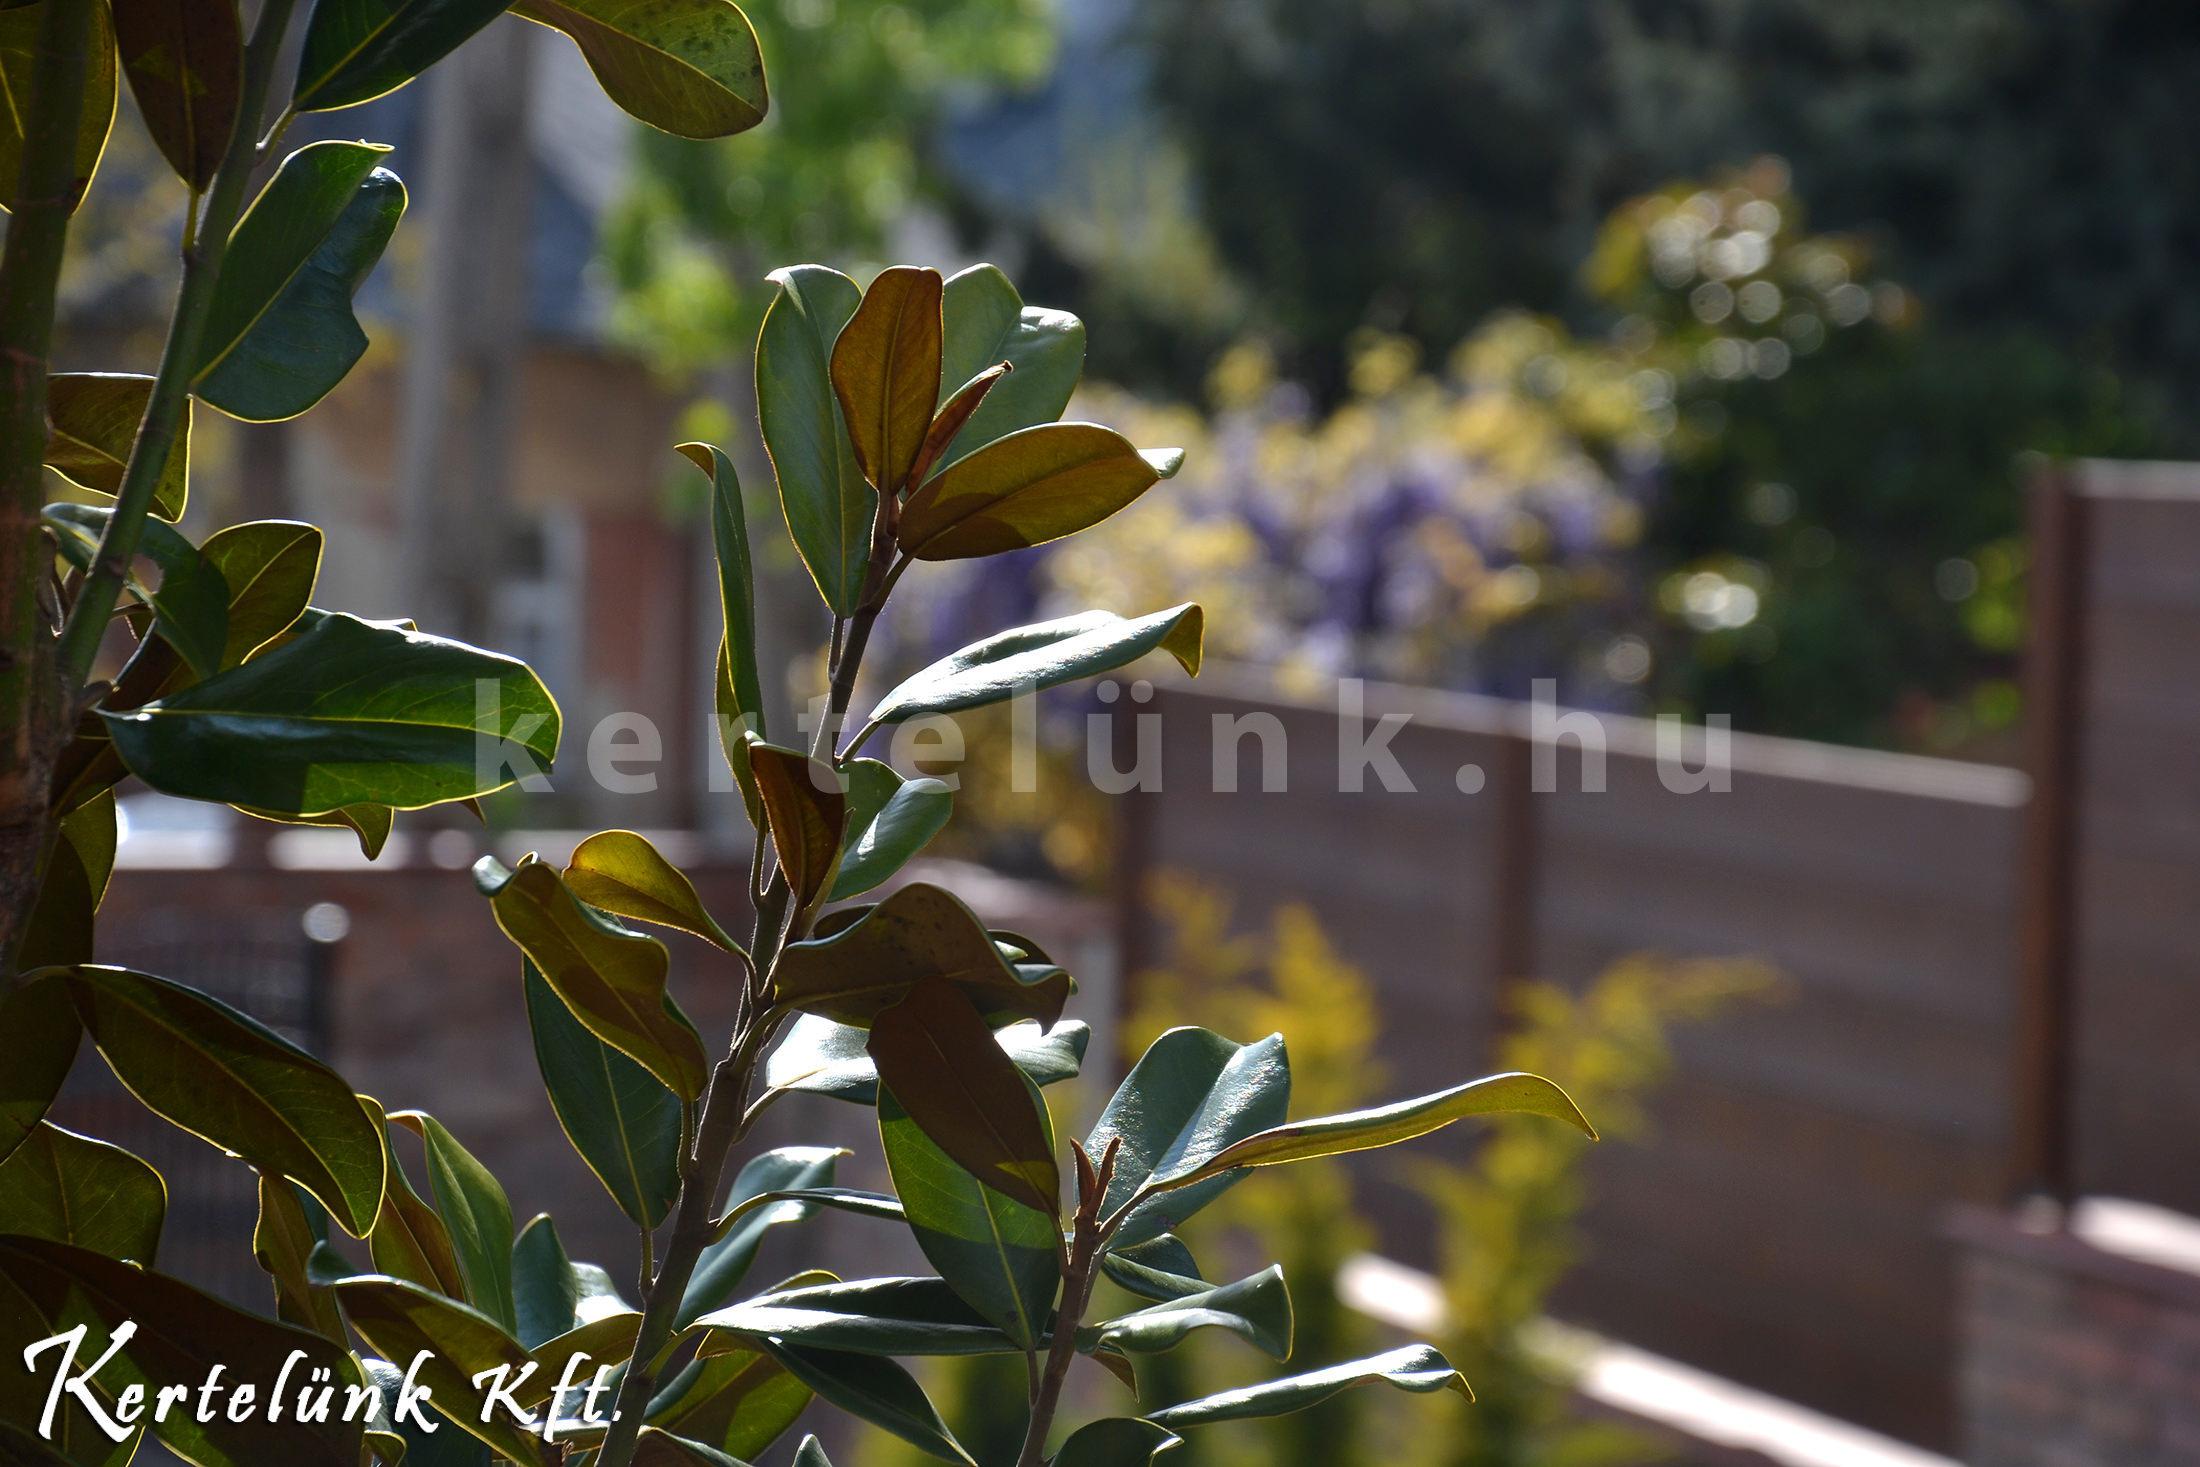 Kellemes pillanatkép egyik kedvenc mediterrán növényünkről.